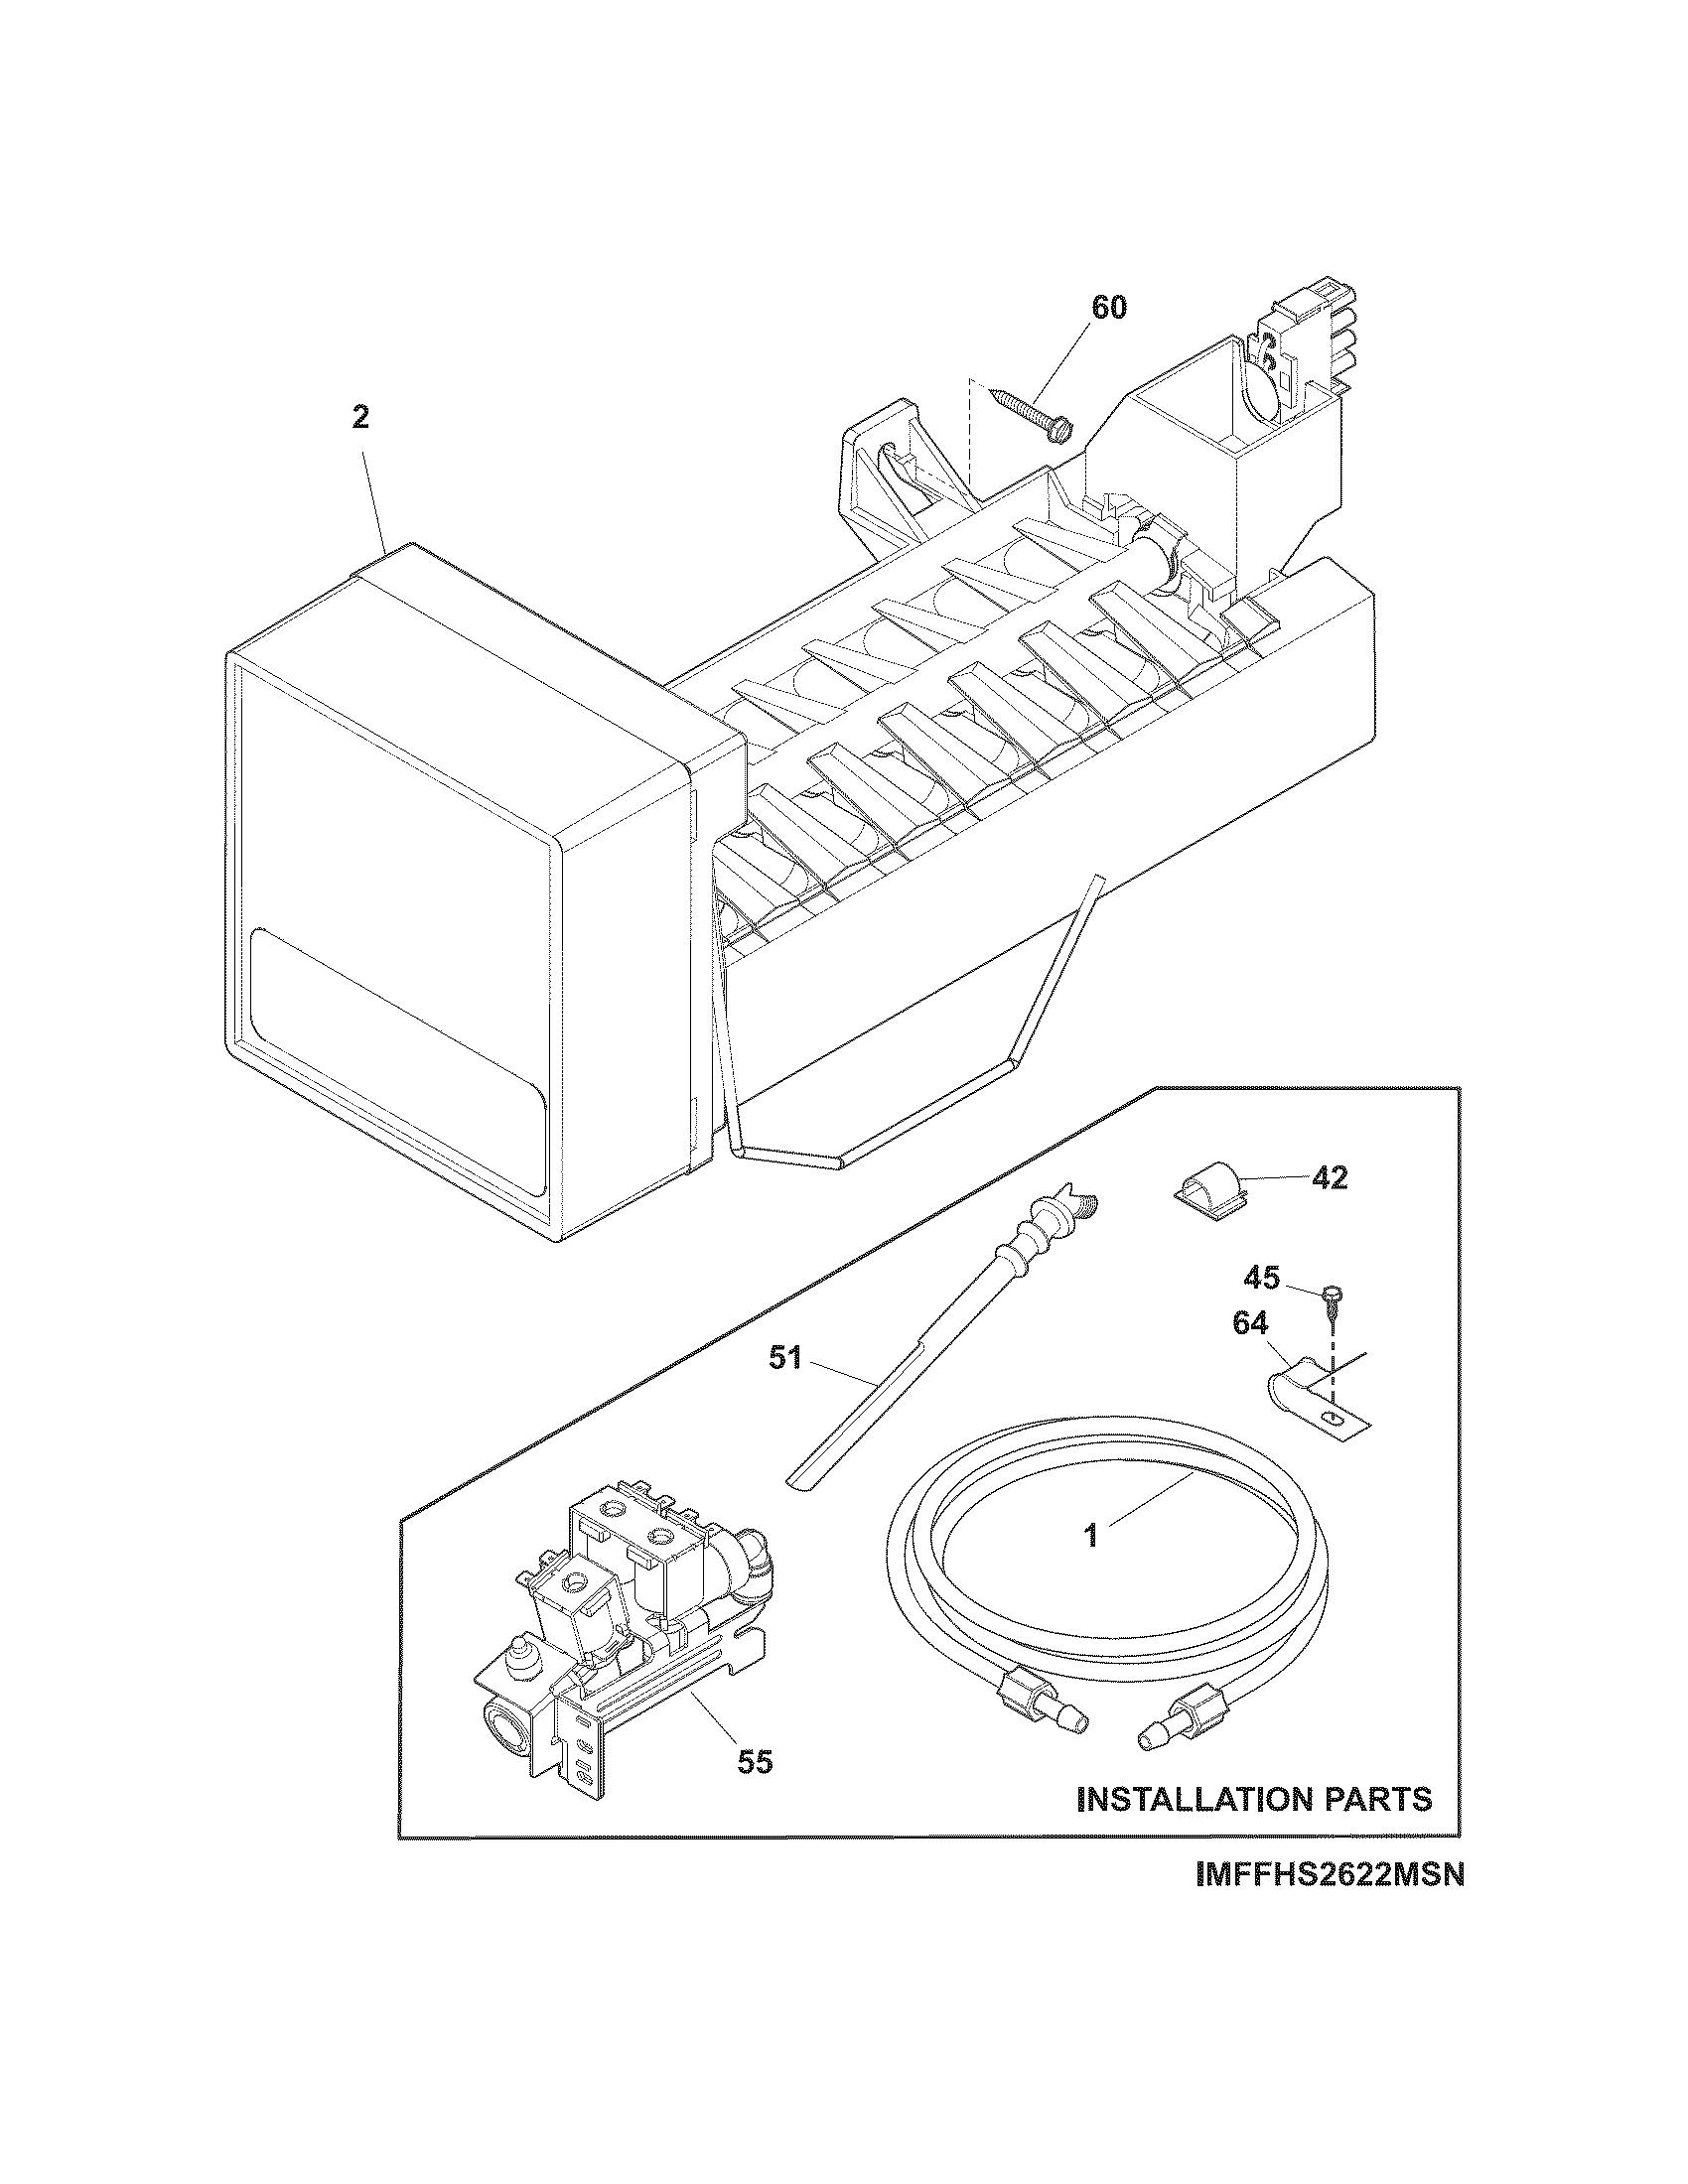 frigidaire refrigerator manual